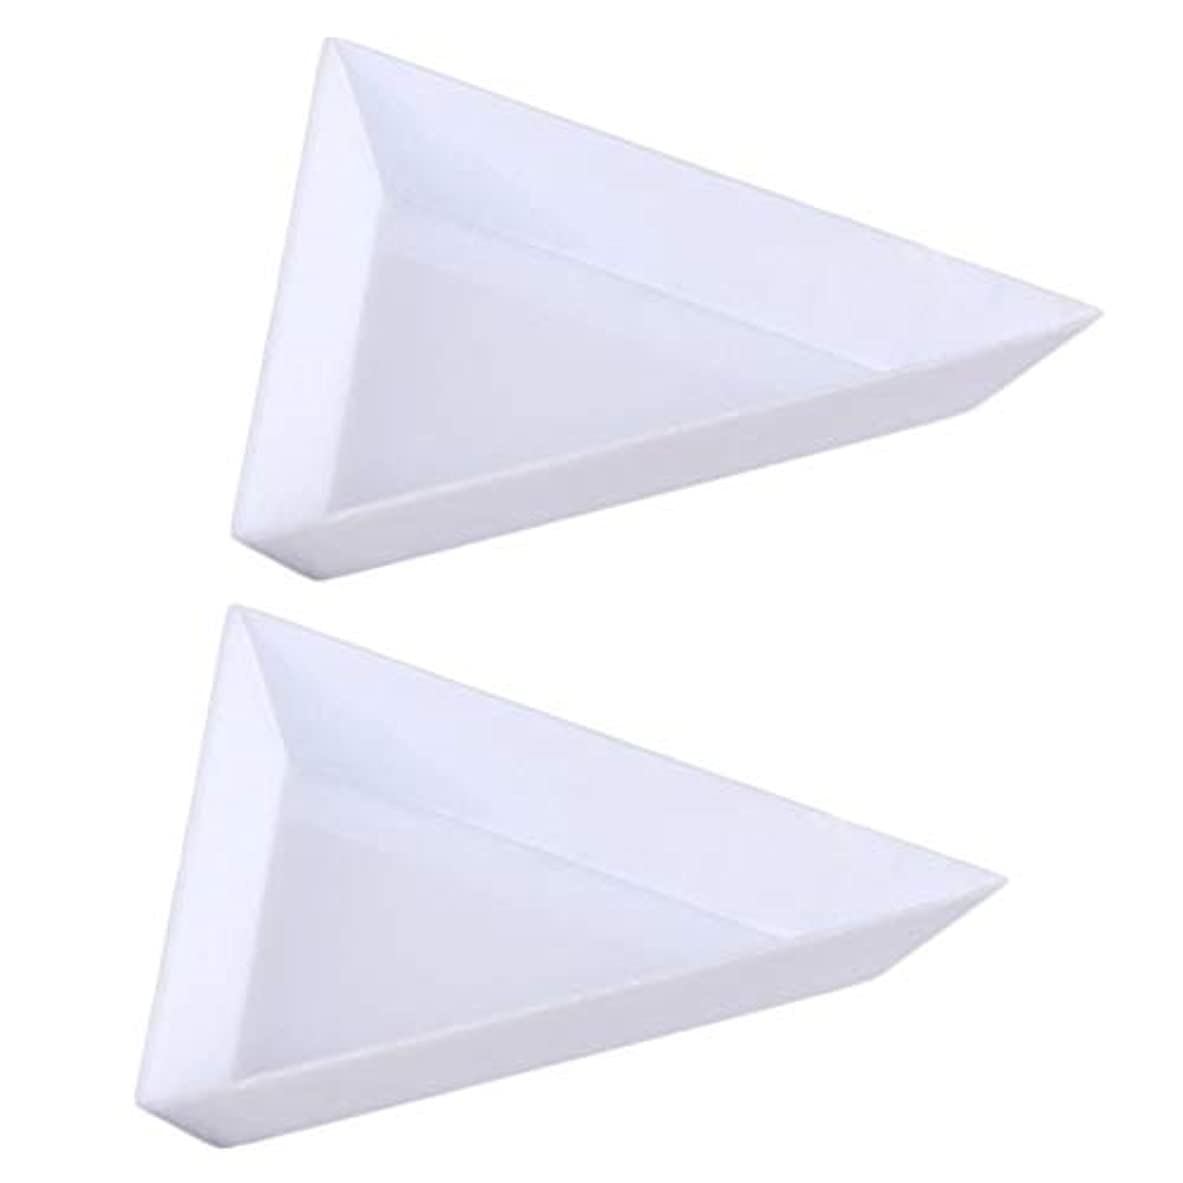 バケット騒々しい現象Lopbinte 10個三角コーナープラスチックラインストーンビーズ 結晶 ネイルアートソーティングトレイアクセサリー白 DiyネイルアートデコレーションDotting収納トレイ オーガニゼーションに最適